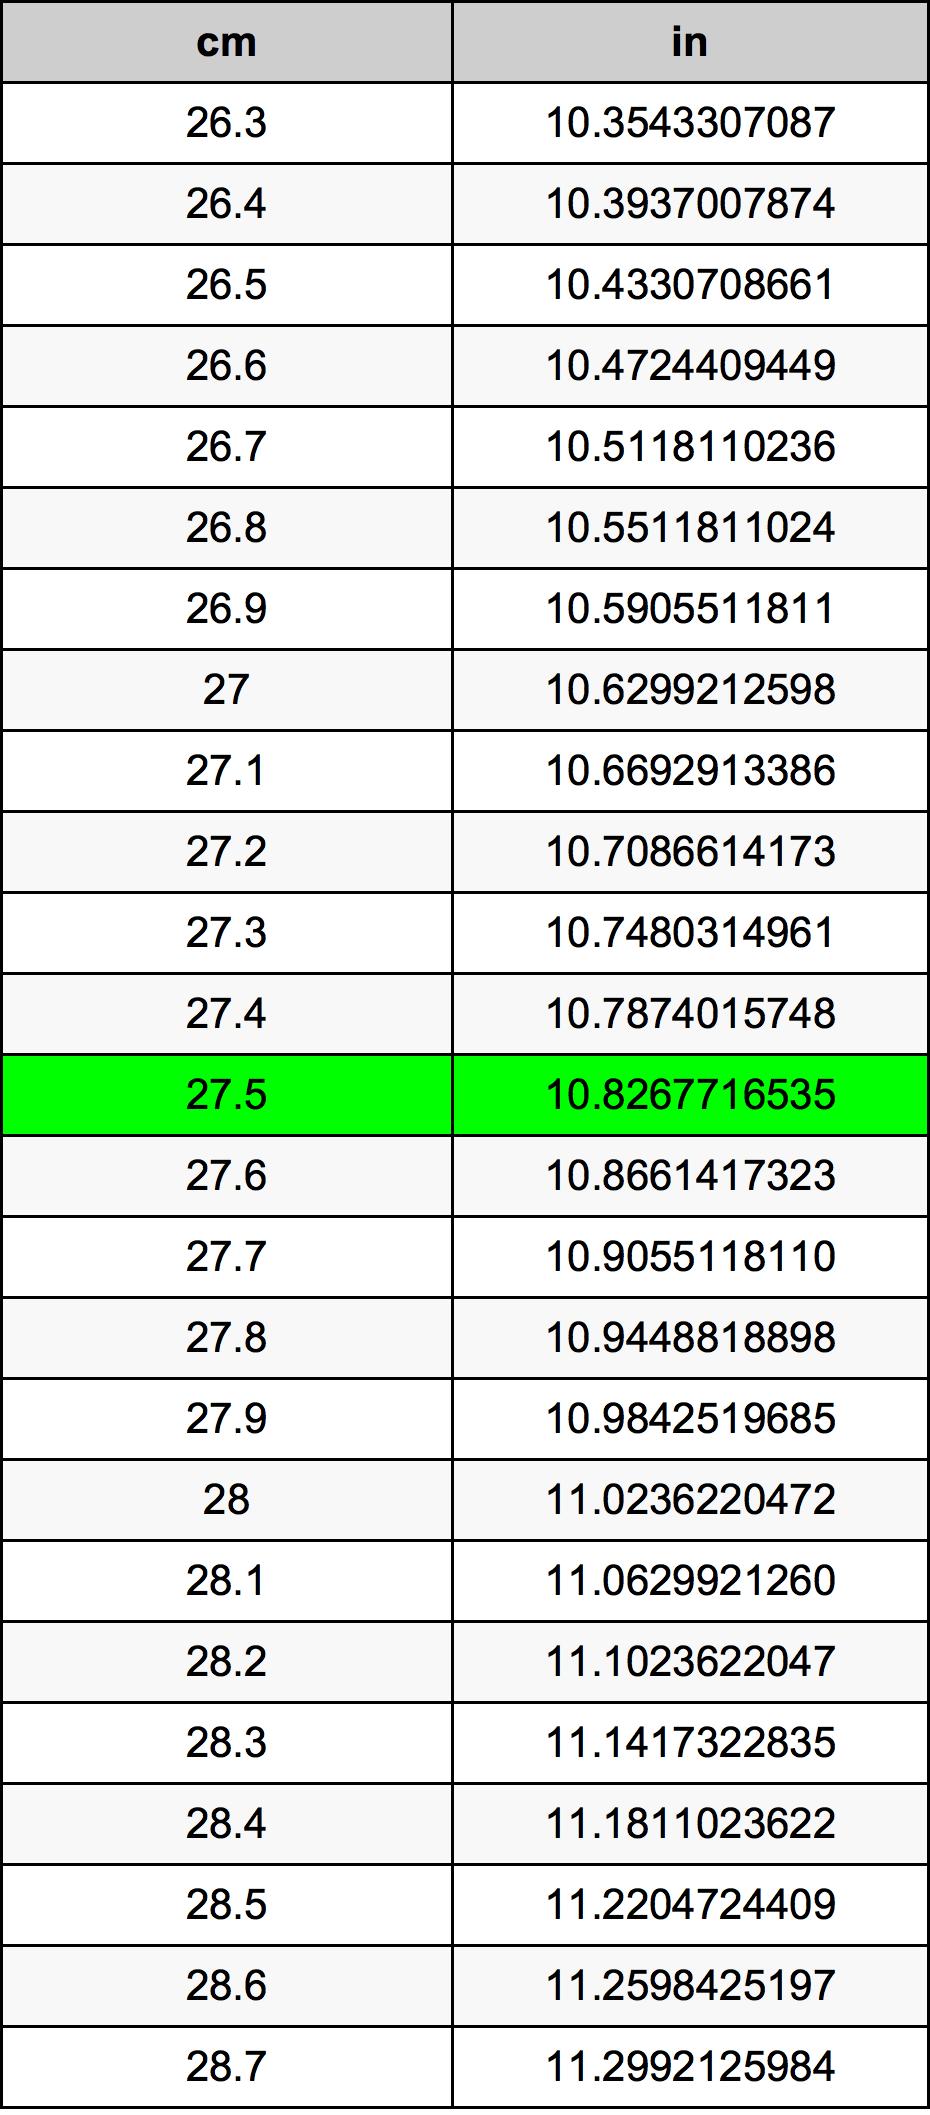 27.5 센티미터 변환 표